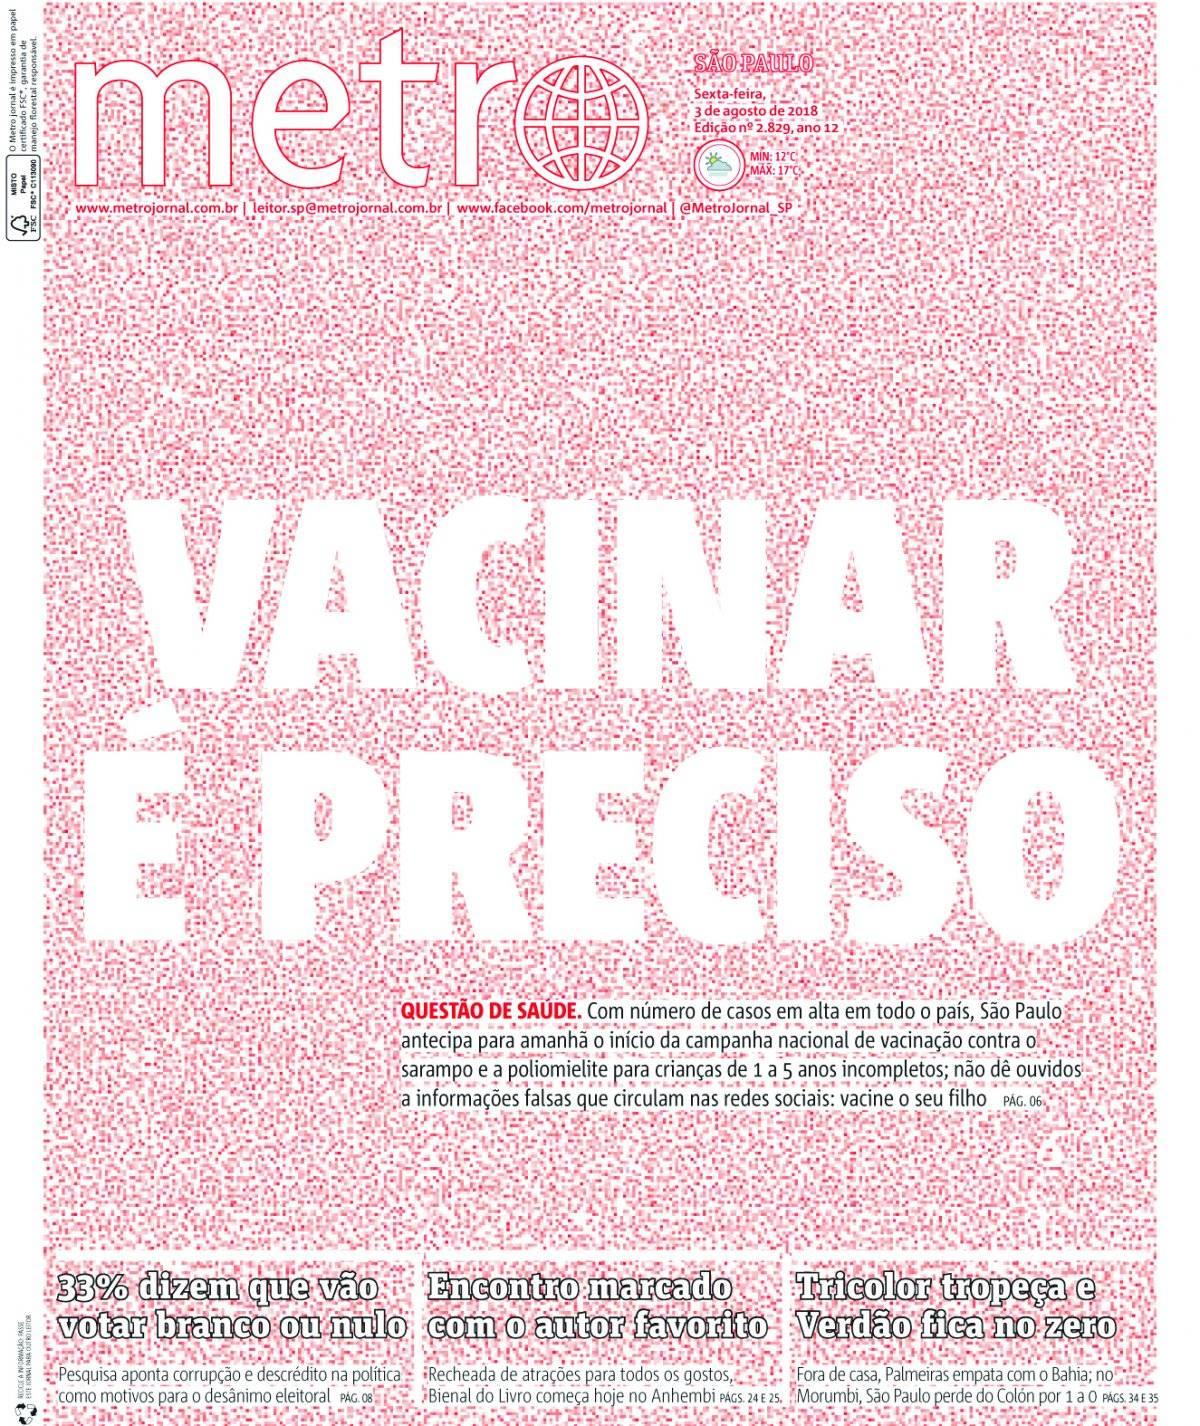 3 de agosto. O Metro se posicionou contra a onda de 'fake news' na saúde e entrou na campanha pela vacinação